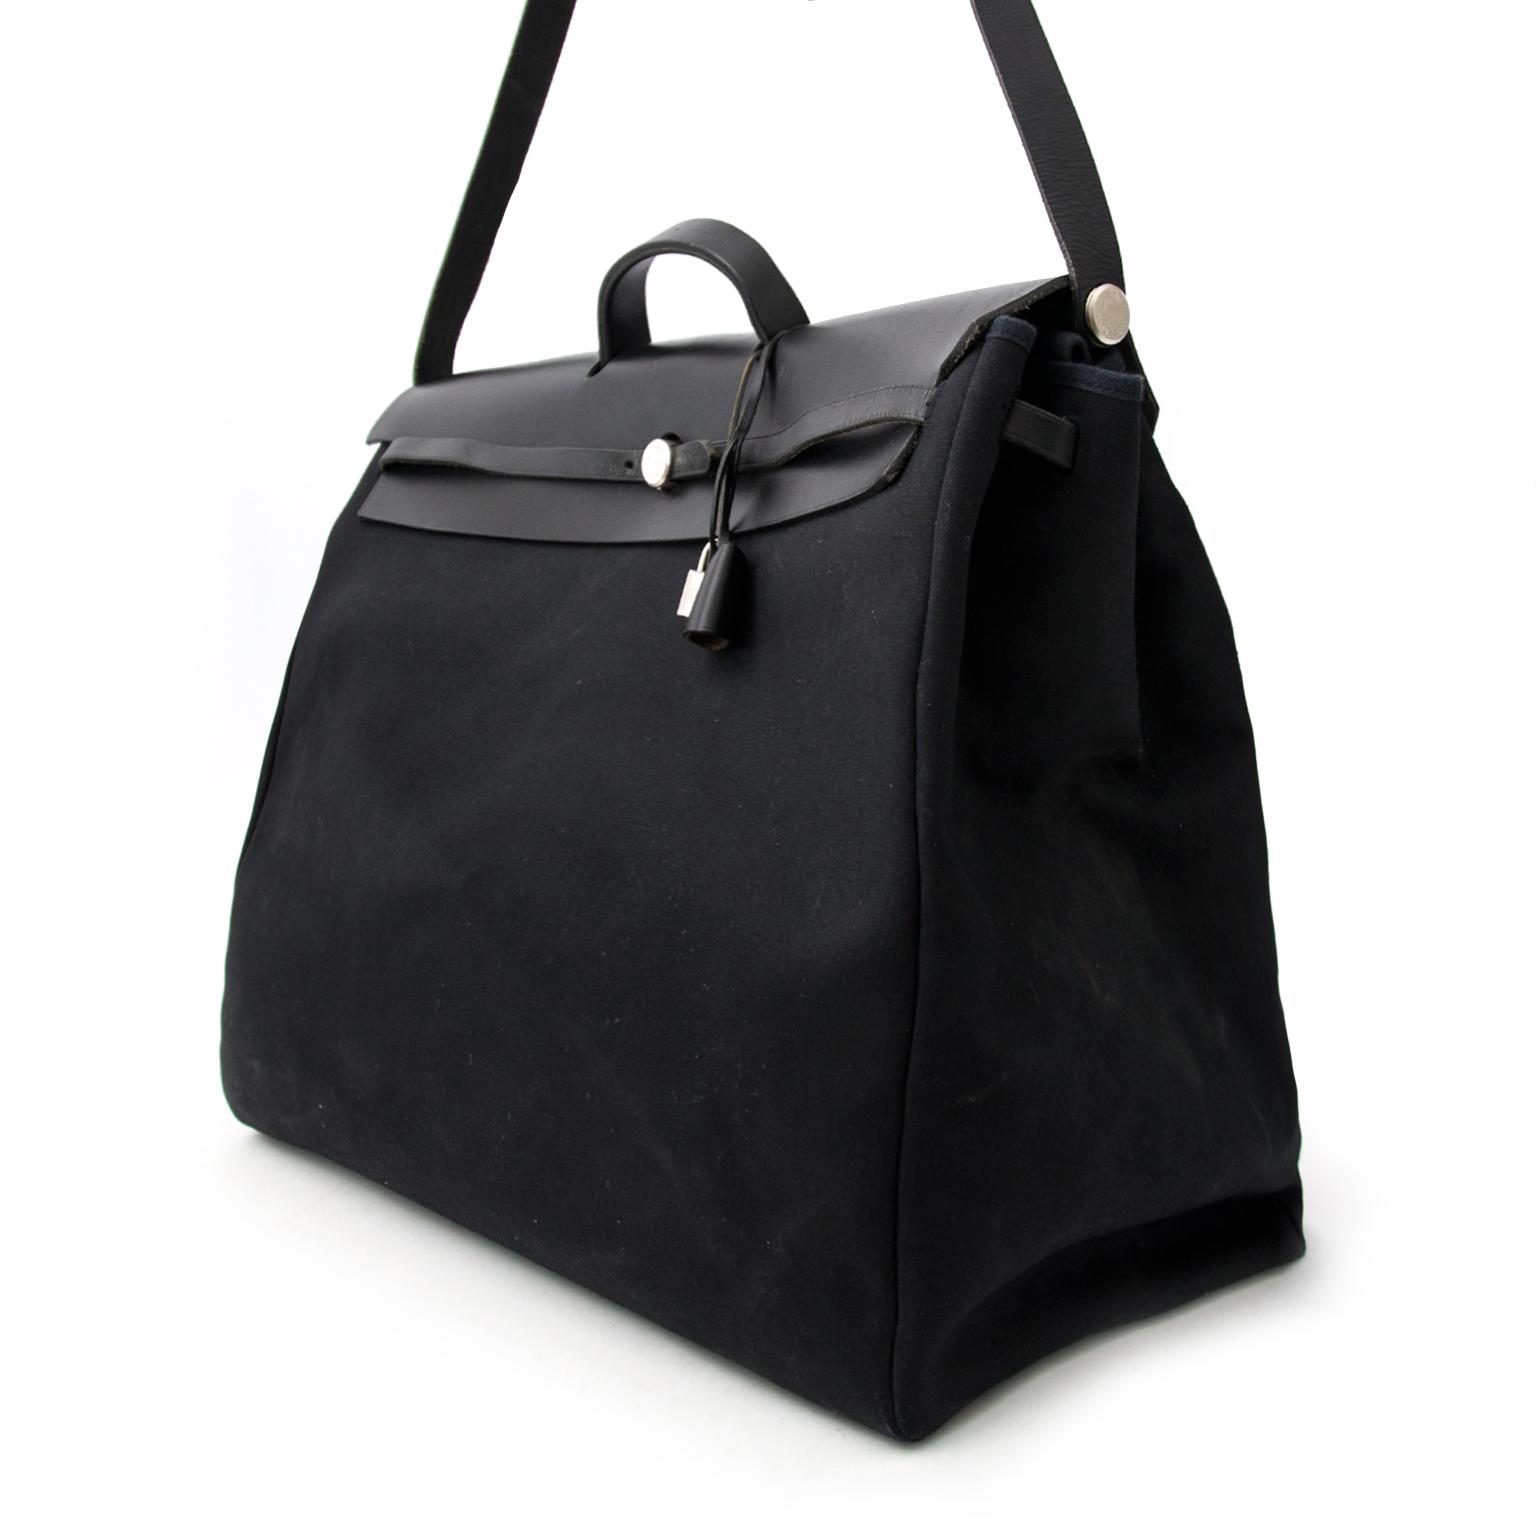 Achetez sans risque un seconde main Hermès herbag on www.labellov.com au meilleur prix